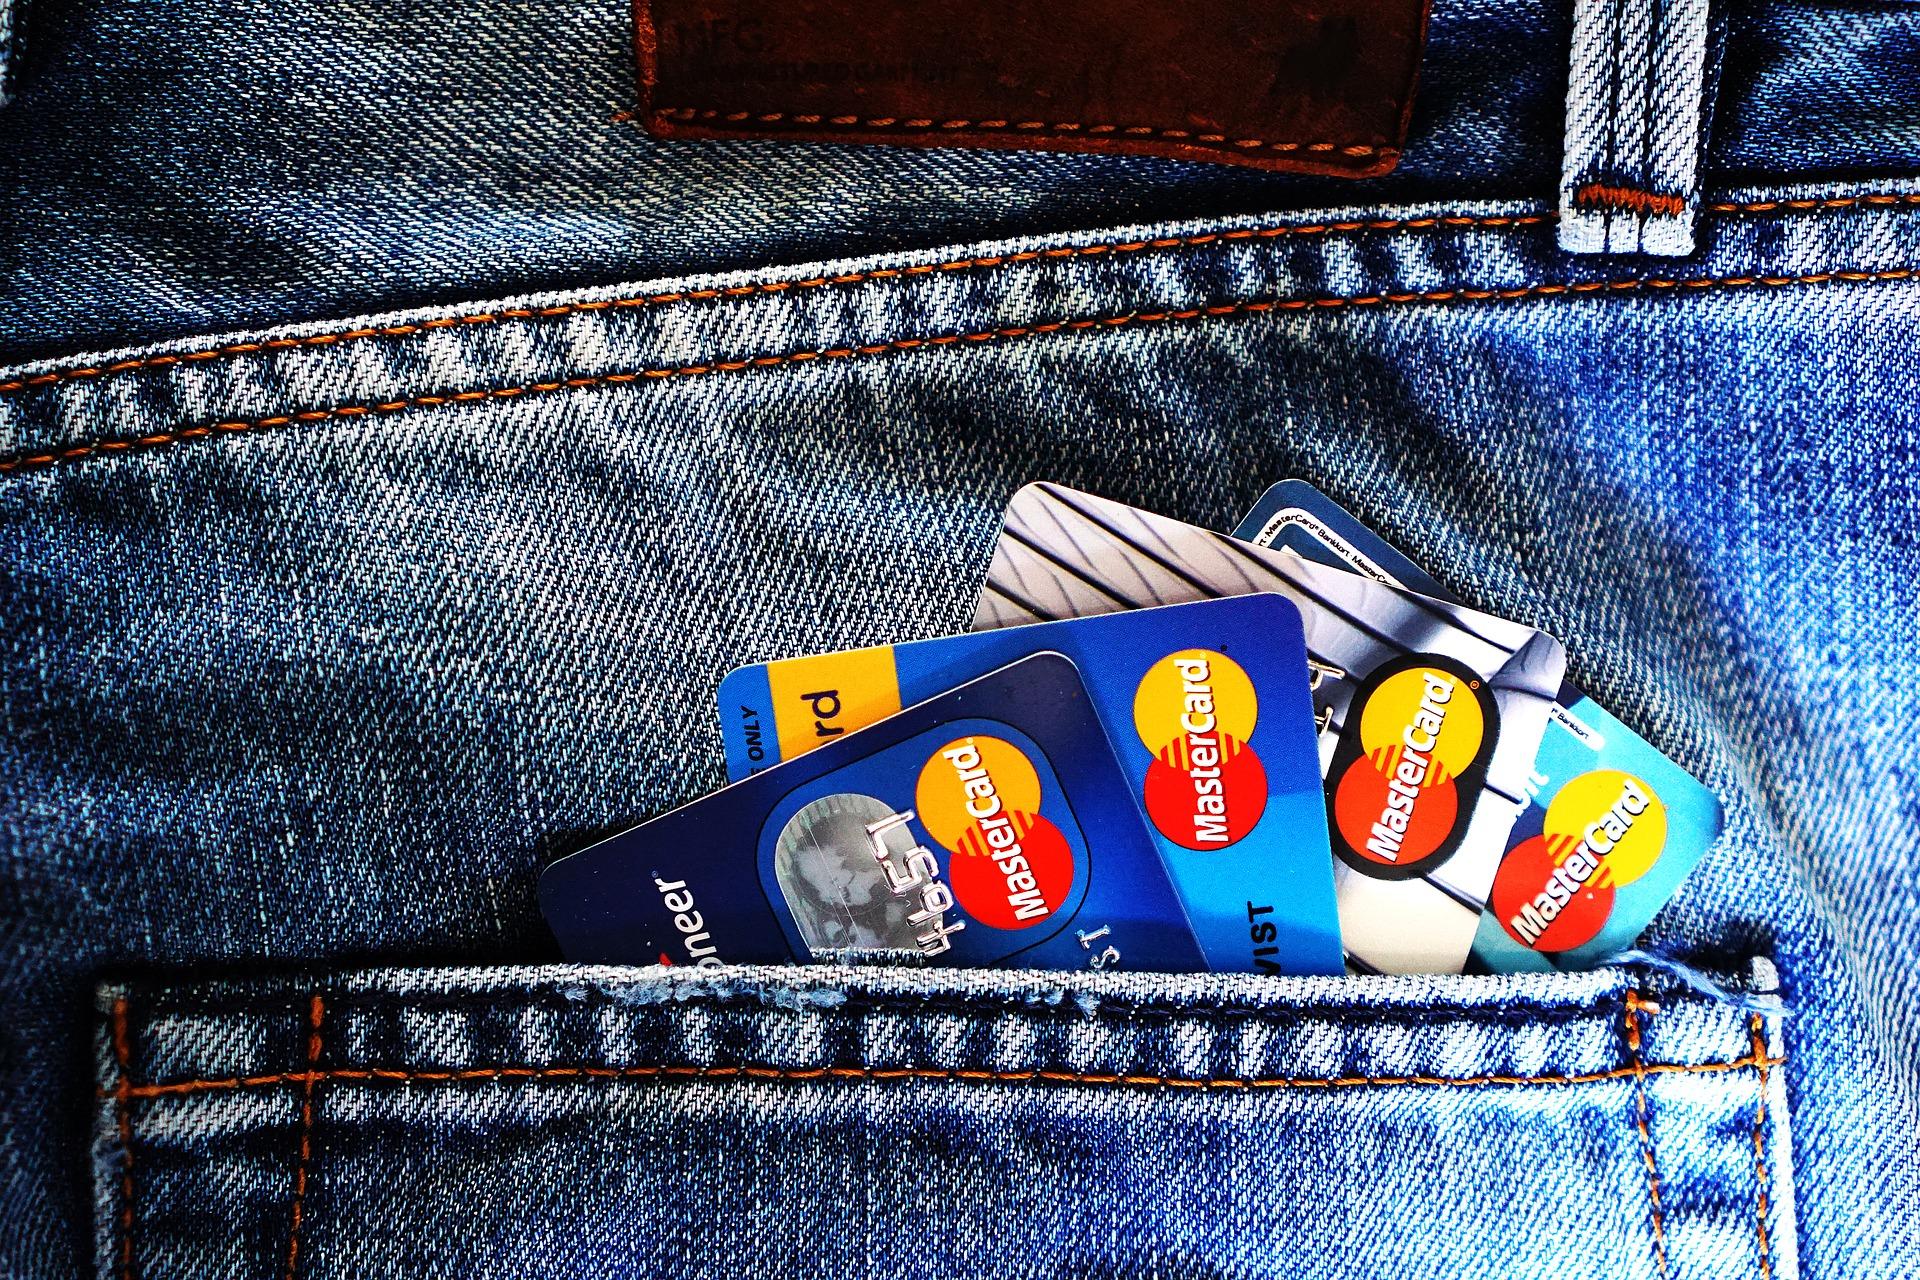 credit repair certification classes